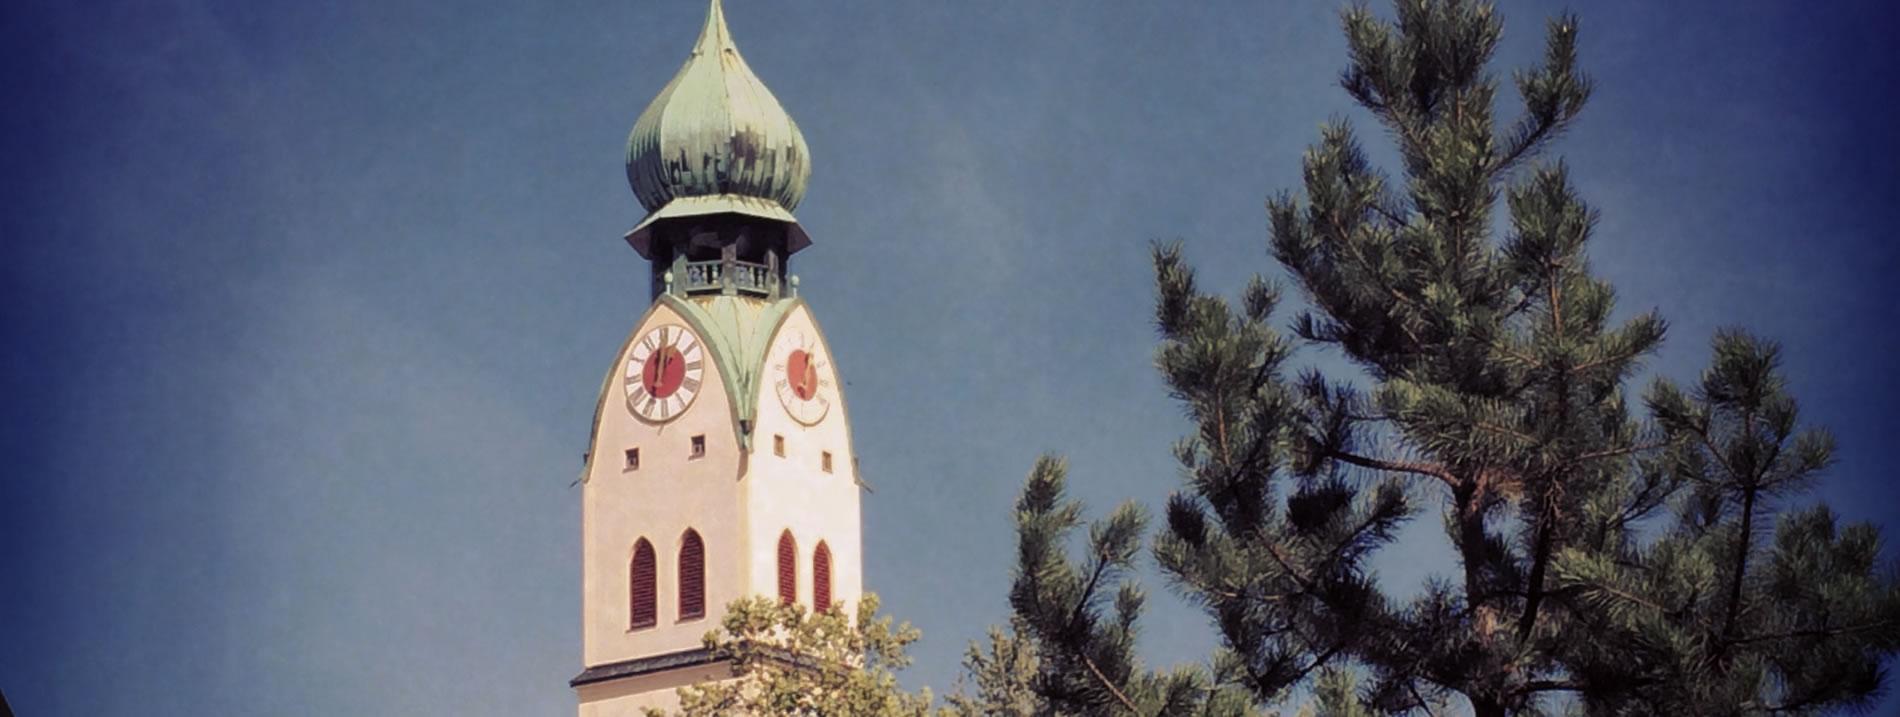 Rosenheimer Kirchturm